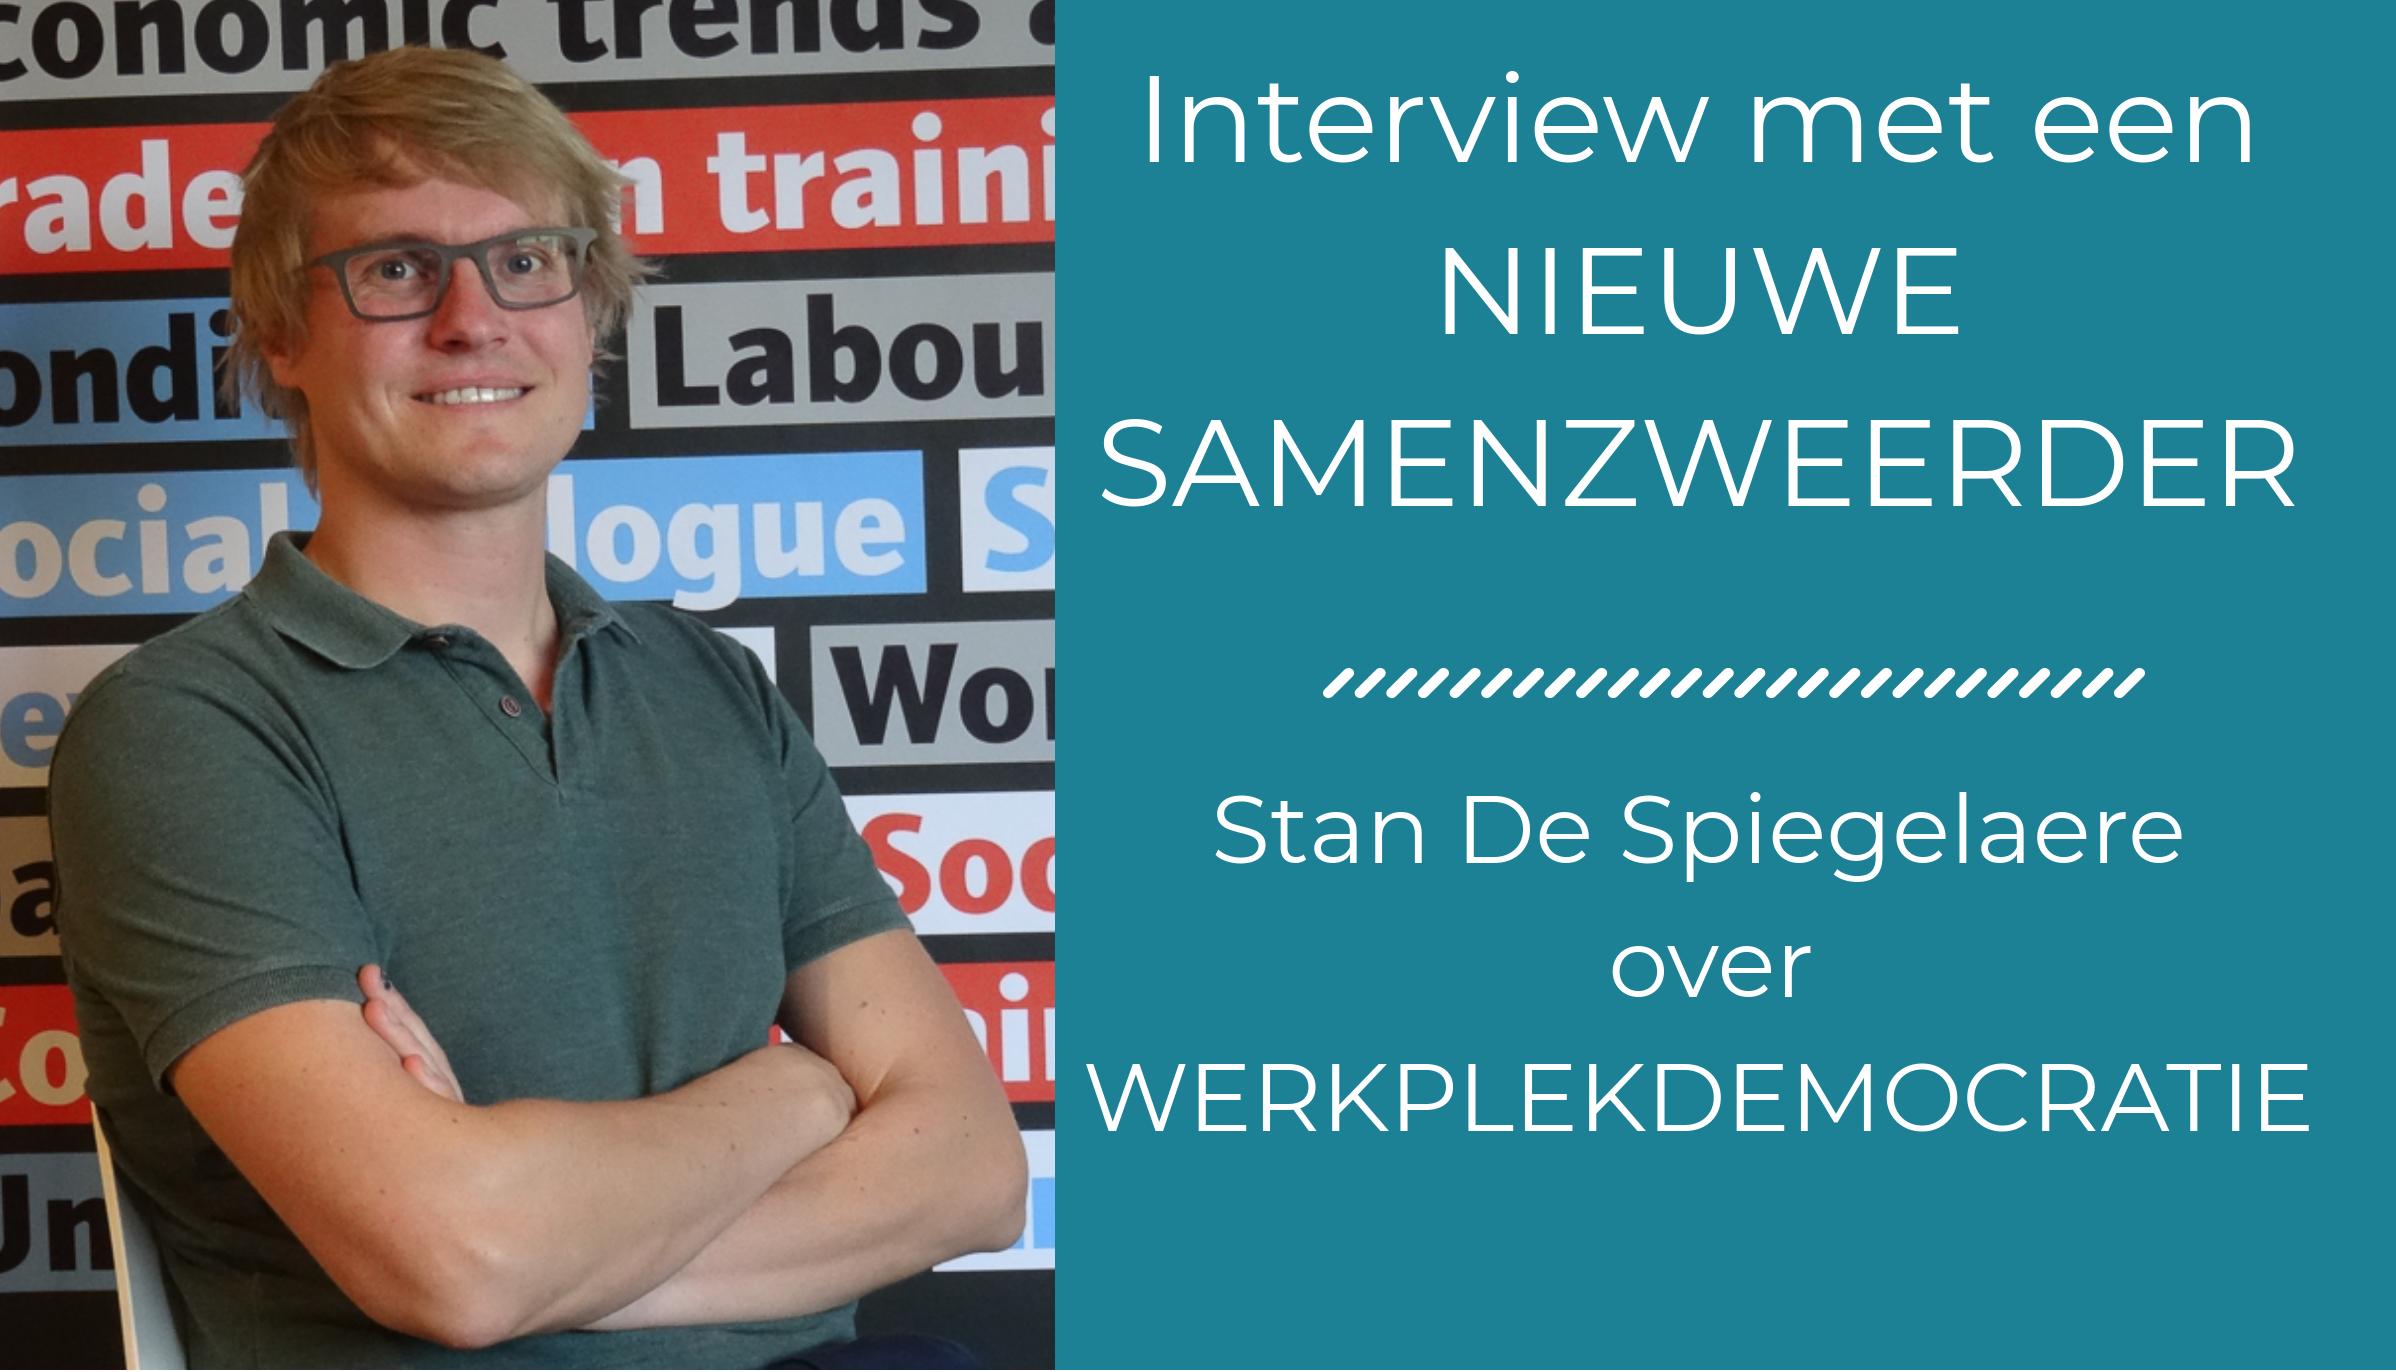 Onderzoeker Stan De Spiegelaere over werkplekdemocratie